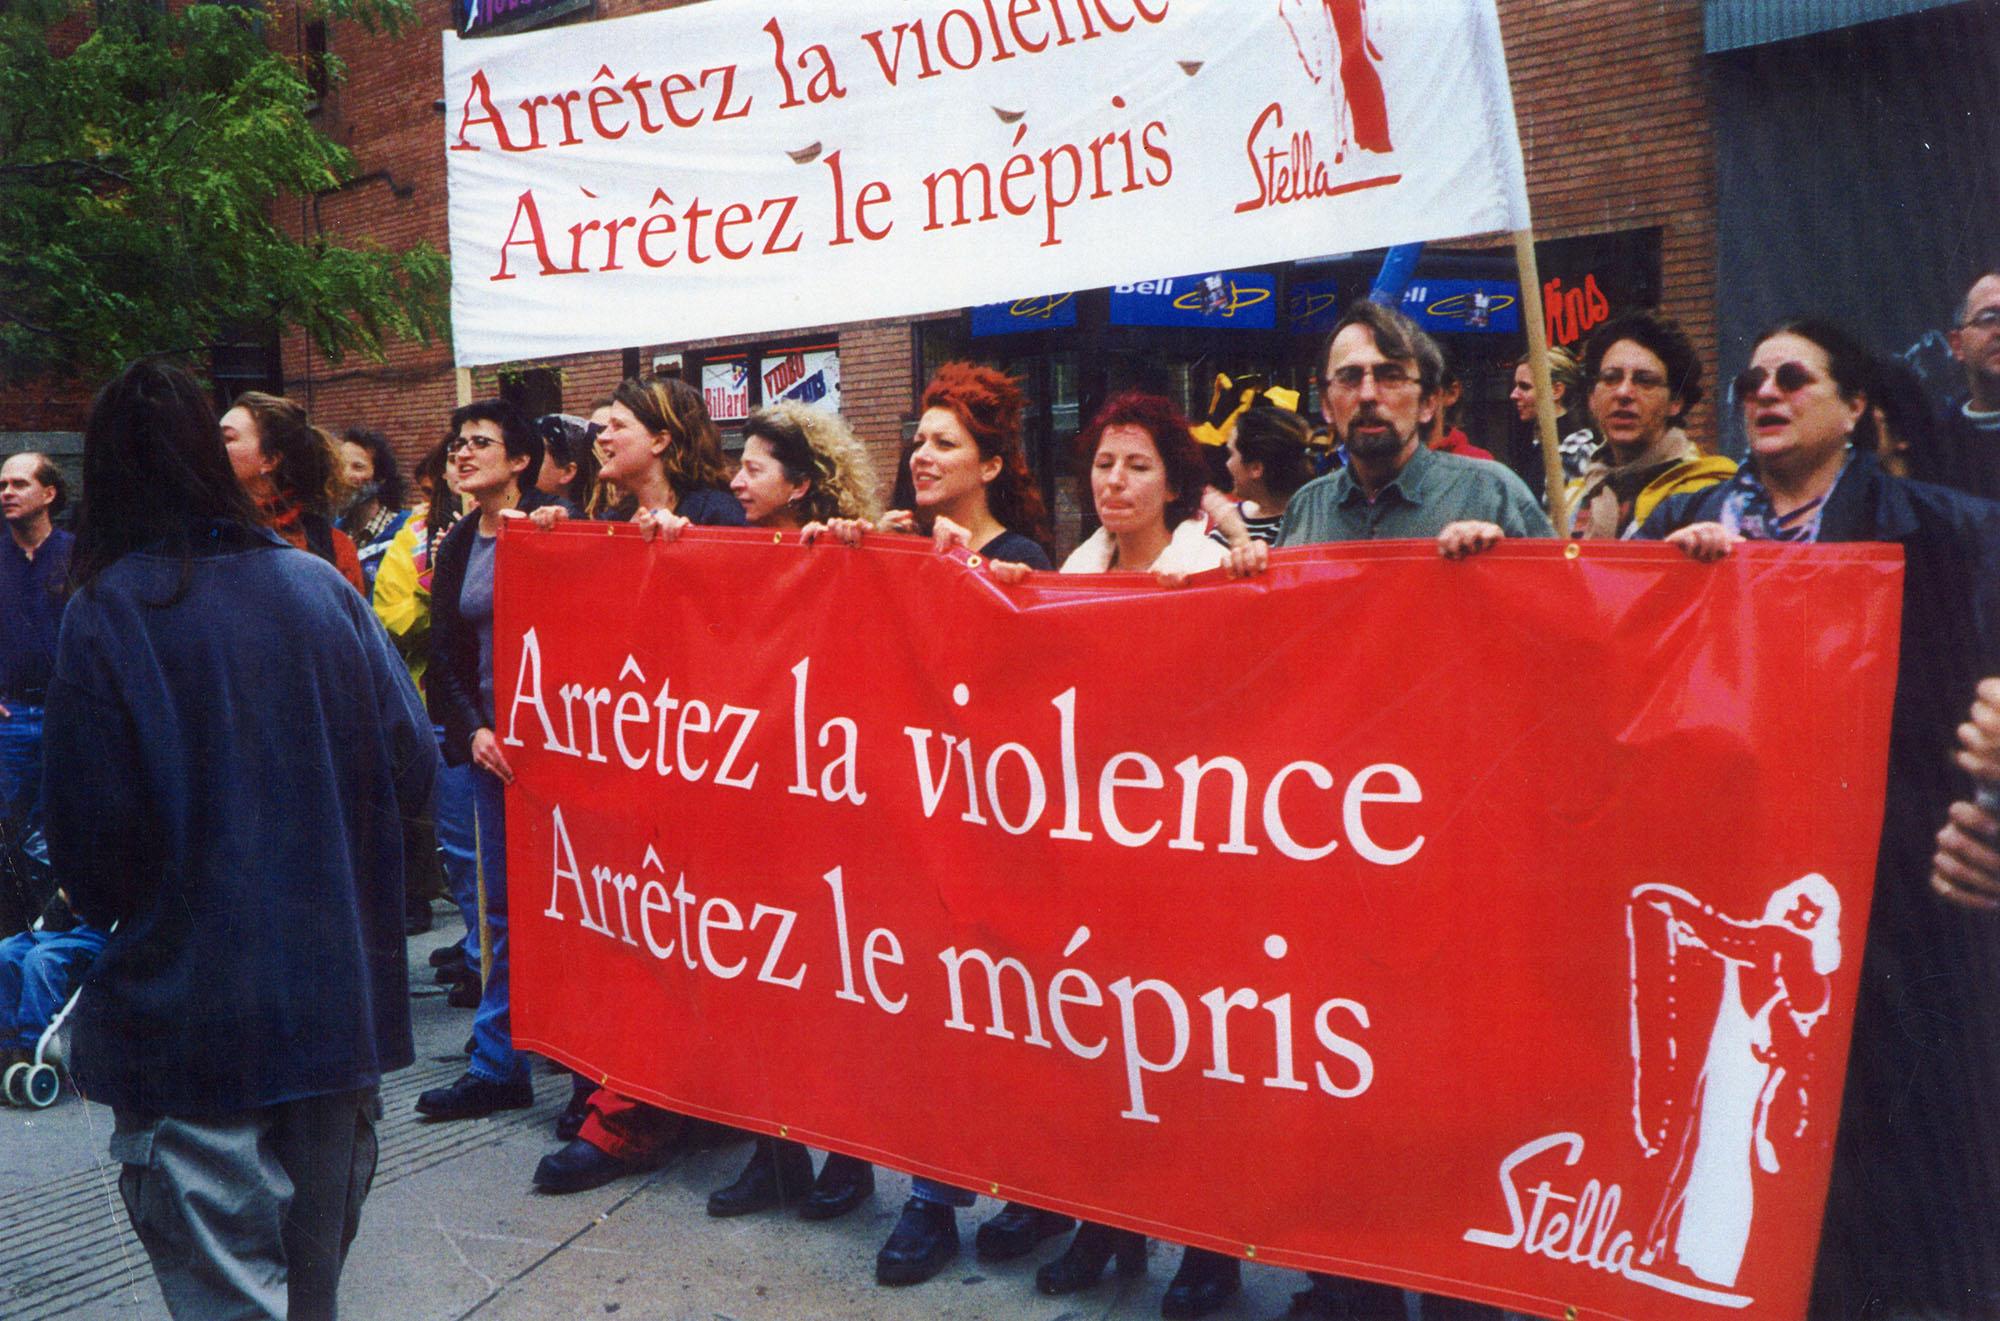 Une quinzaine de personnes se tiennent derrière deux  grandes bannières, l'une rouge, l'autre blanche. On peut y lire : « Arrêtez la violence, arrêtez le mépris, Stella »